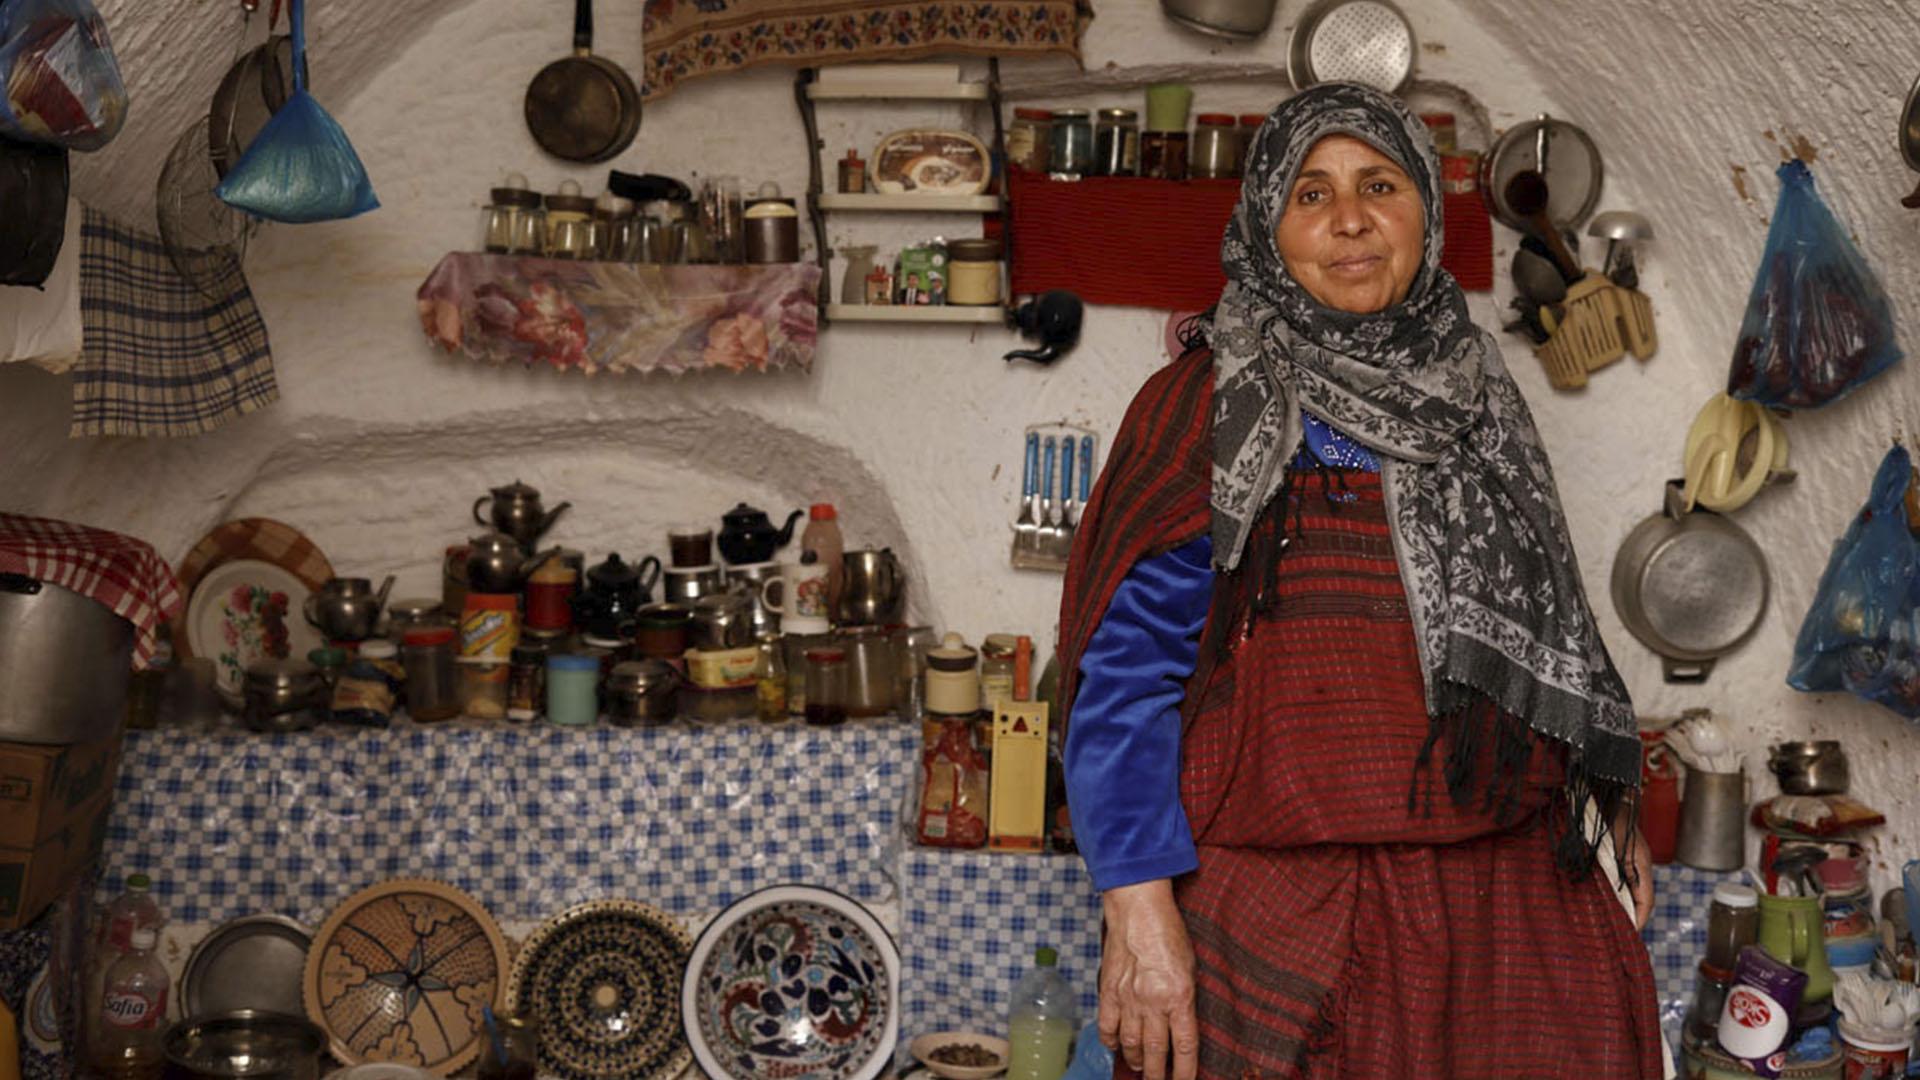 La cocina subterránea de Mounija, de 60 años